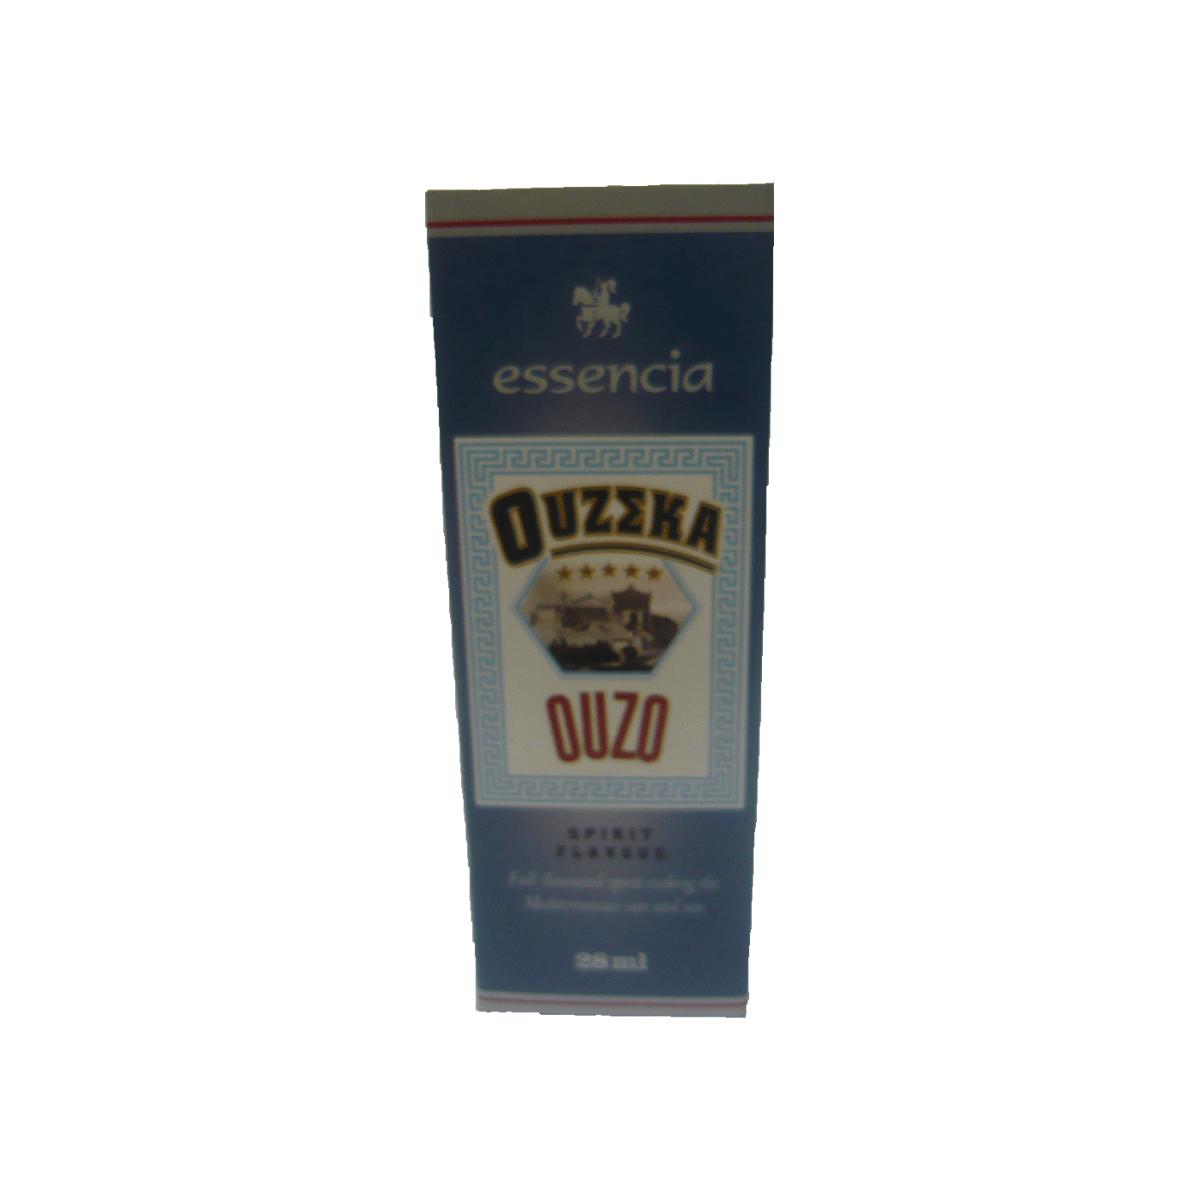 Ouzeka Ouzo - Essencia